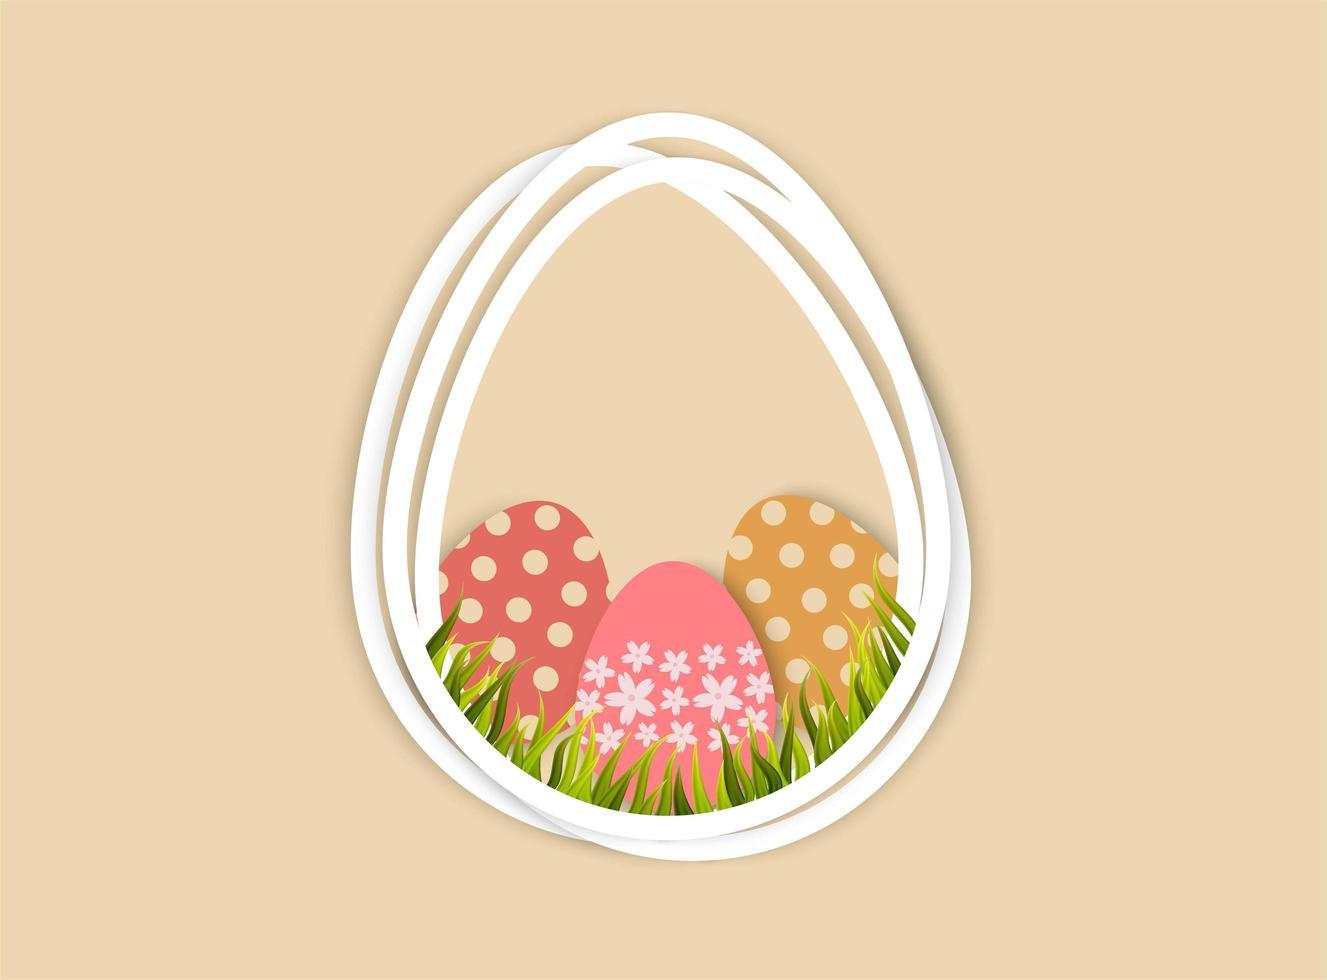 Oeufs de Pâques et herbe dans un cadre en forme d'oeuf vecteur